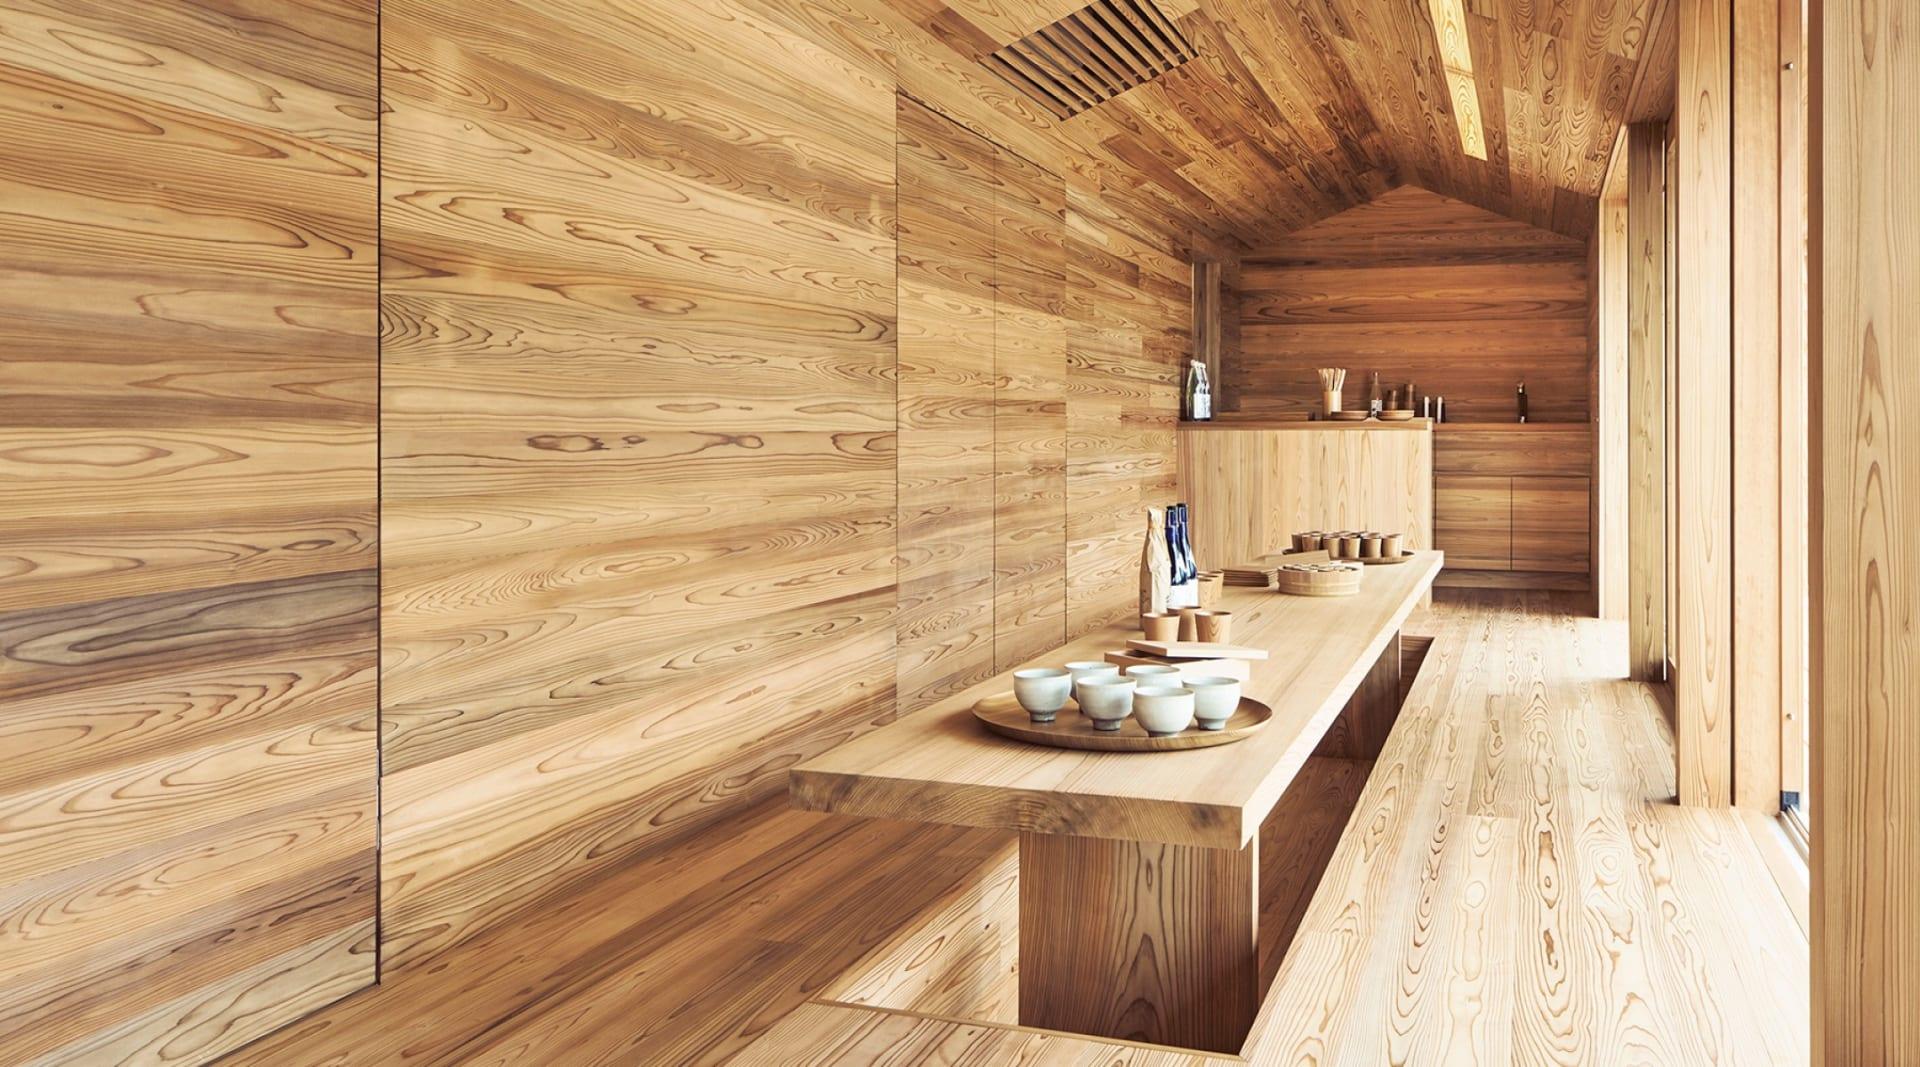 WEB samara yoshino airbnb interior